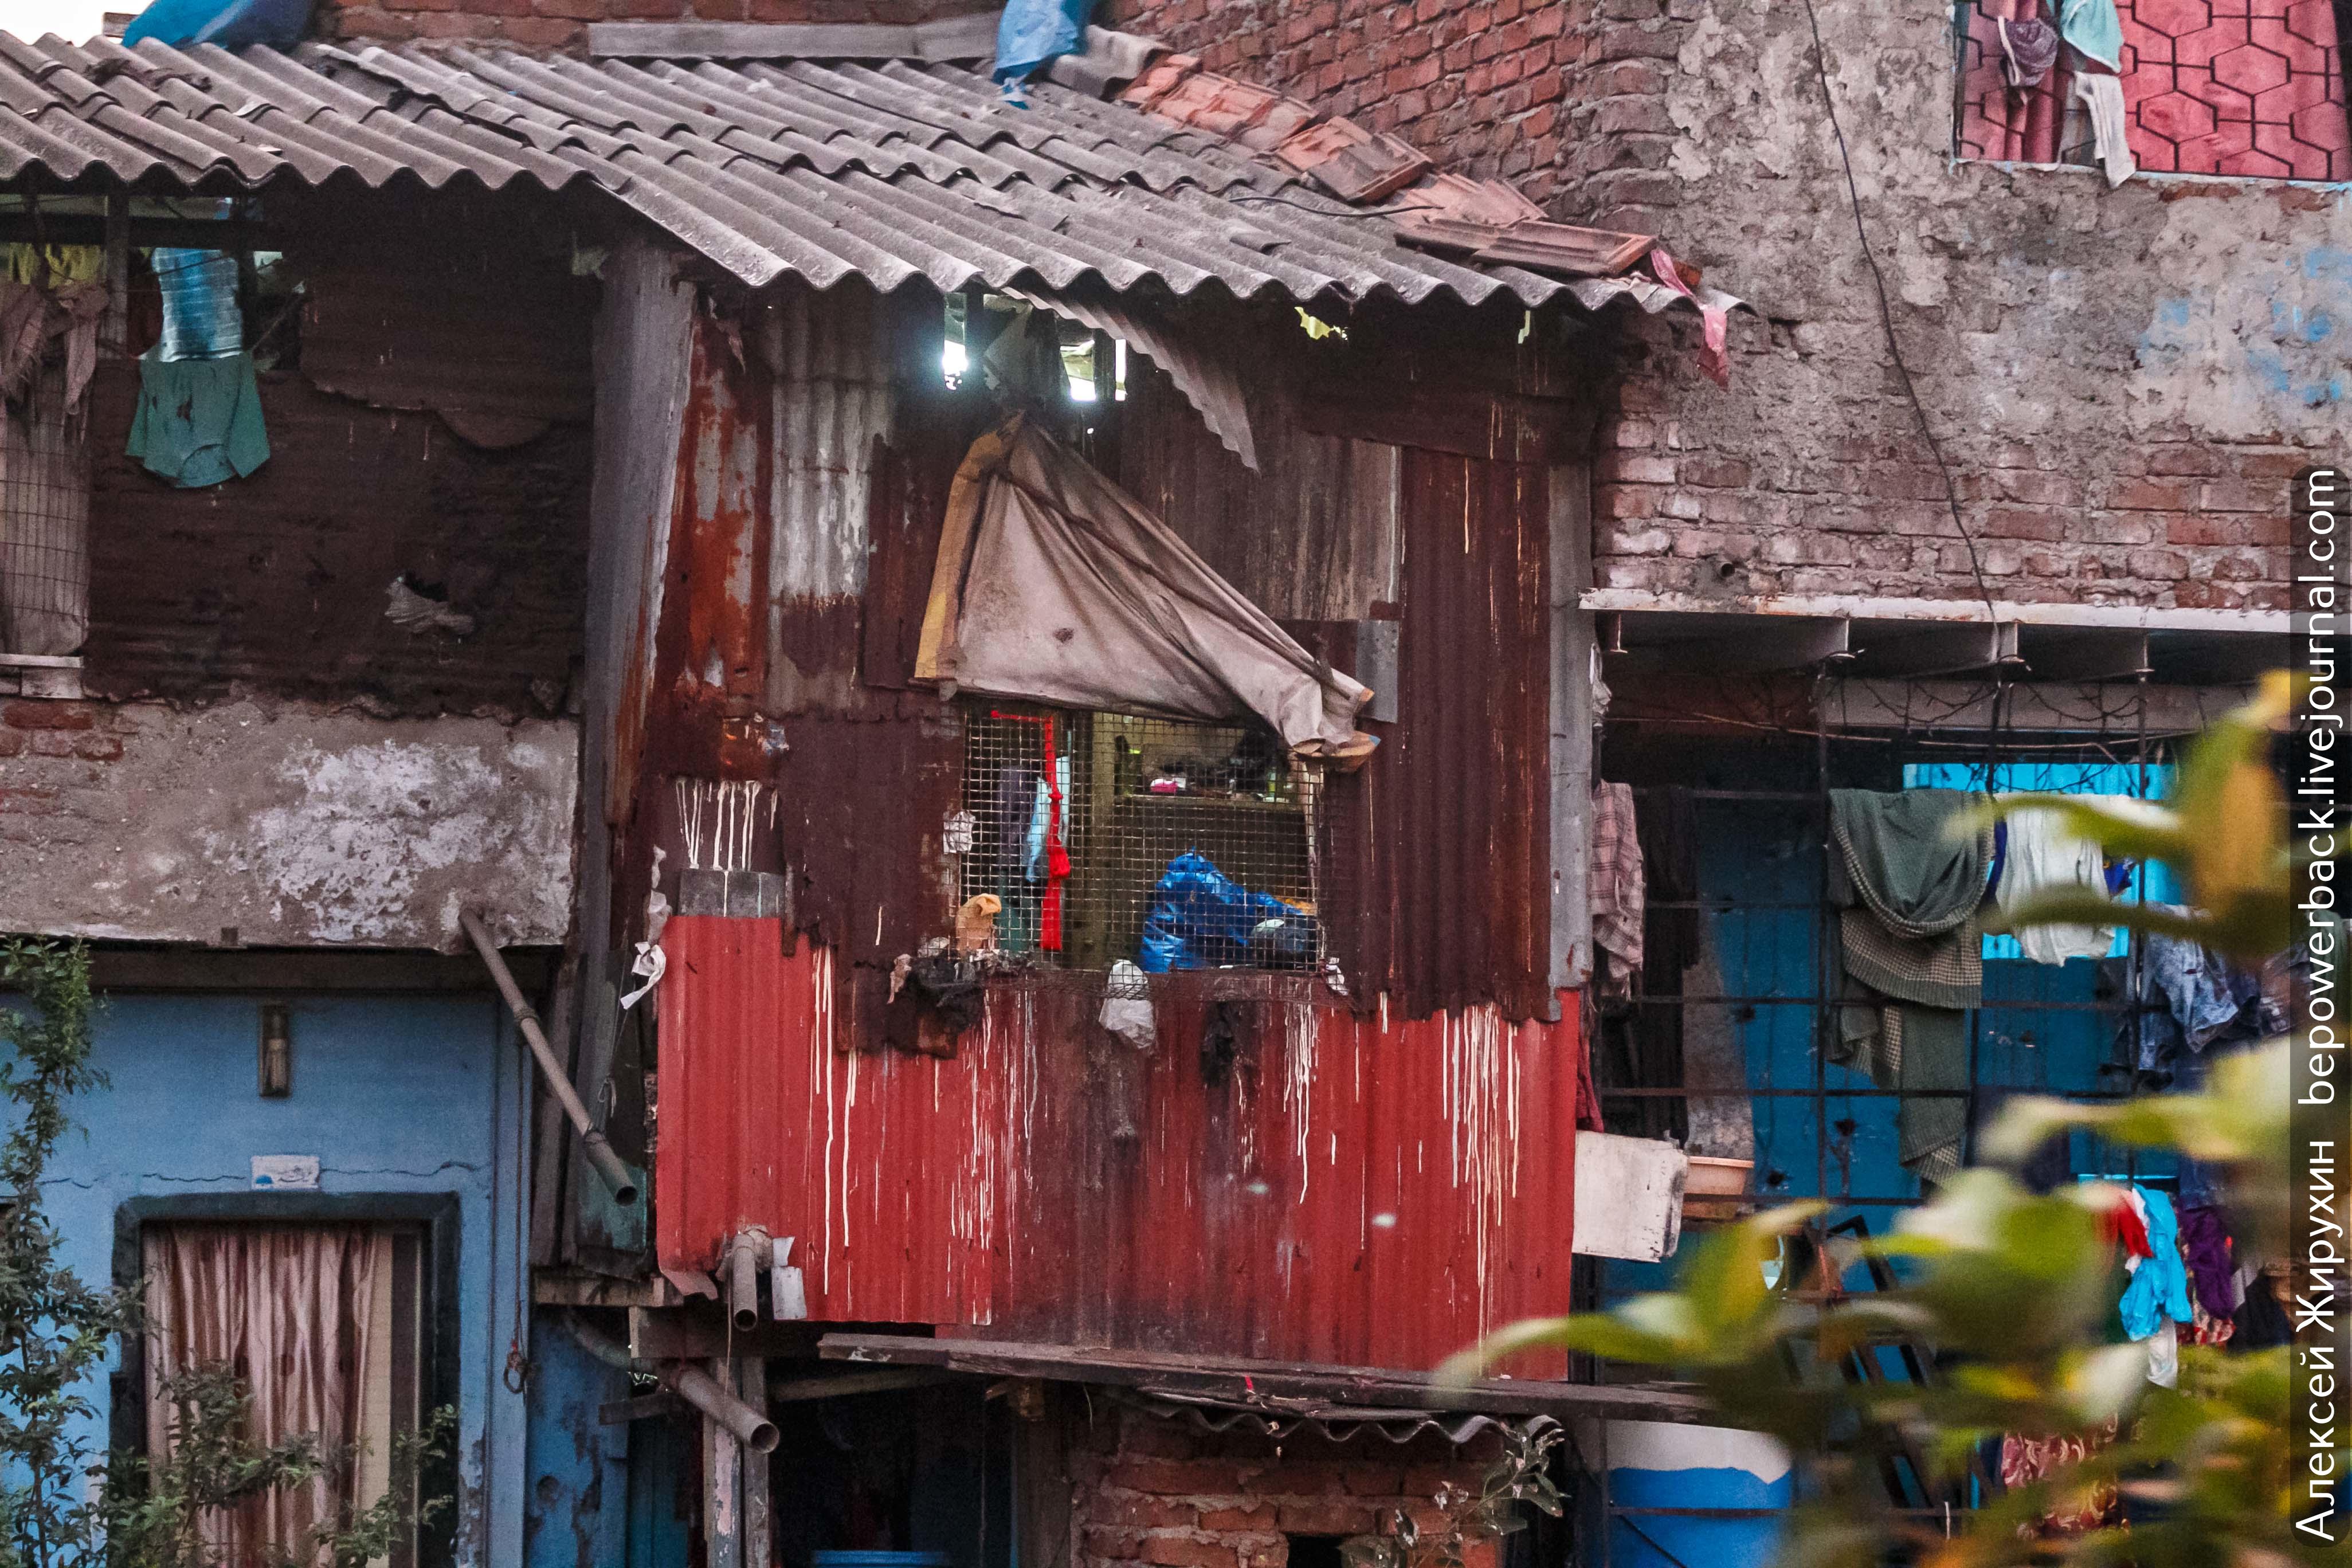 требовала жилье бедняка фото установка стальных бронированных